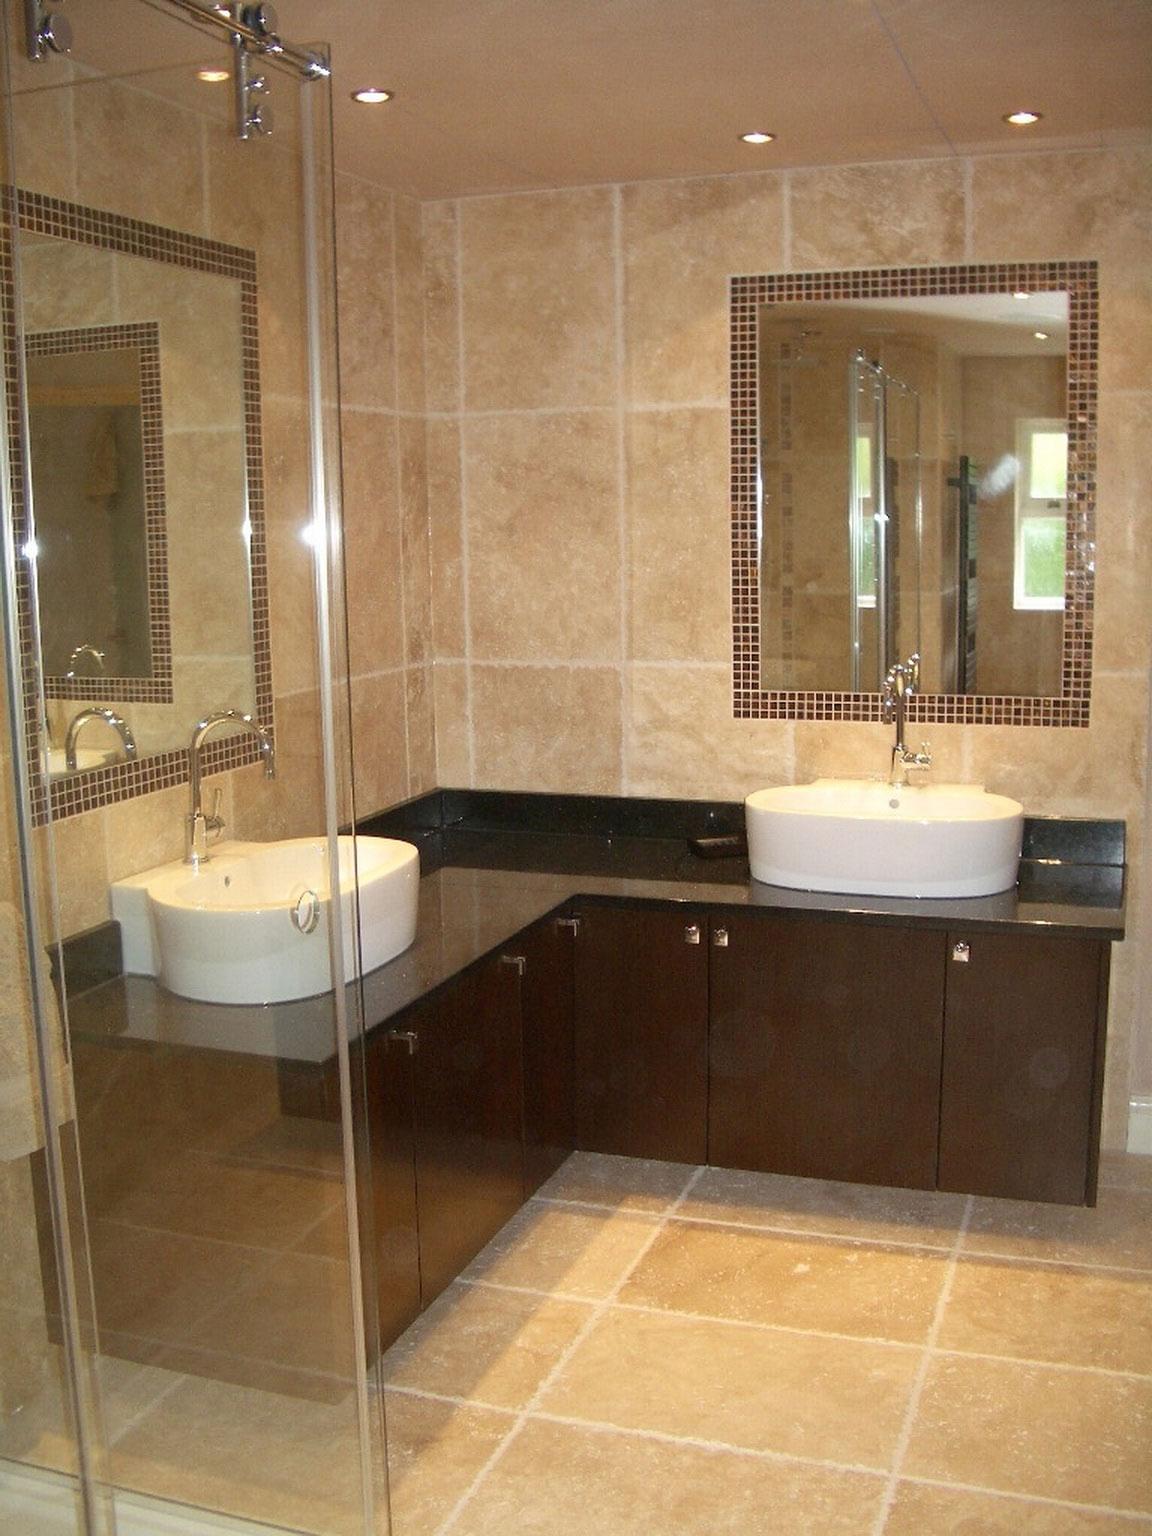 fresh-bathroom-cabinet-ideas-storage-with-images-of-bathroom-cabinet-style-on-ideas